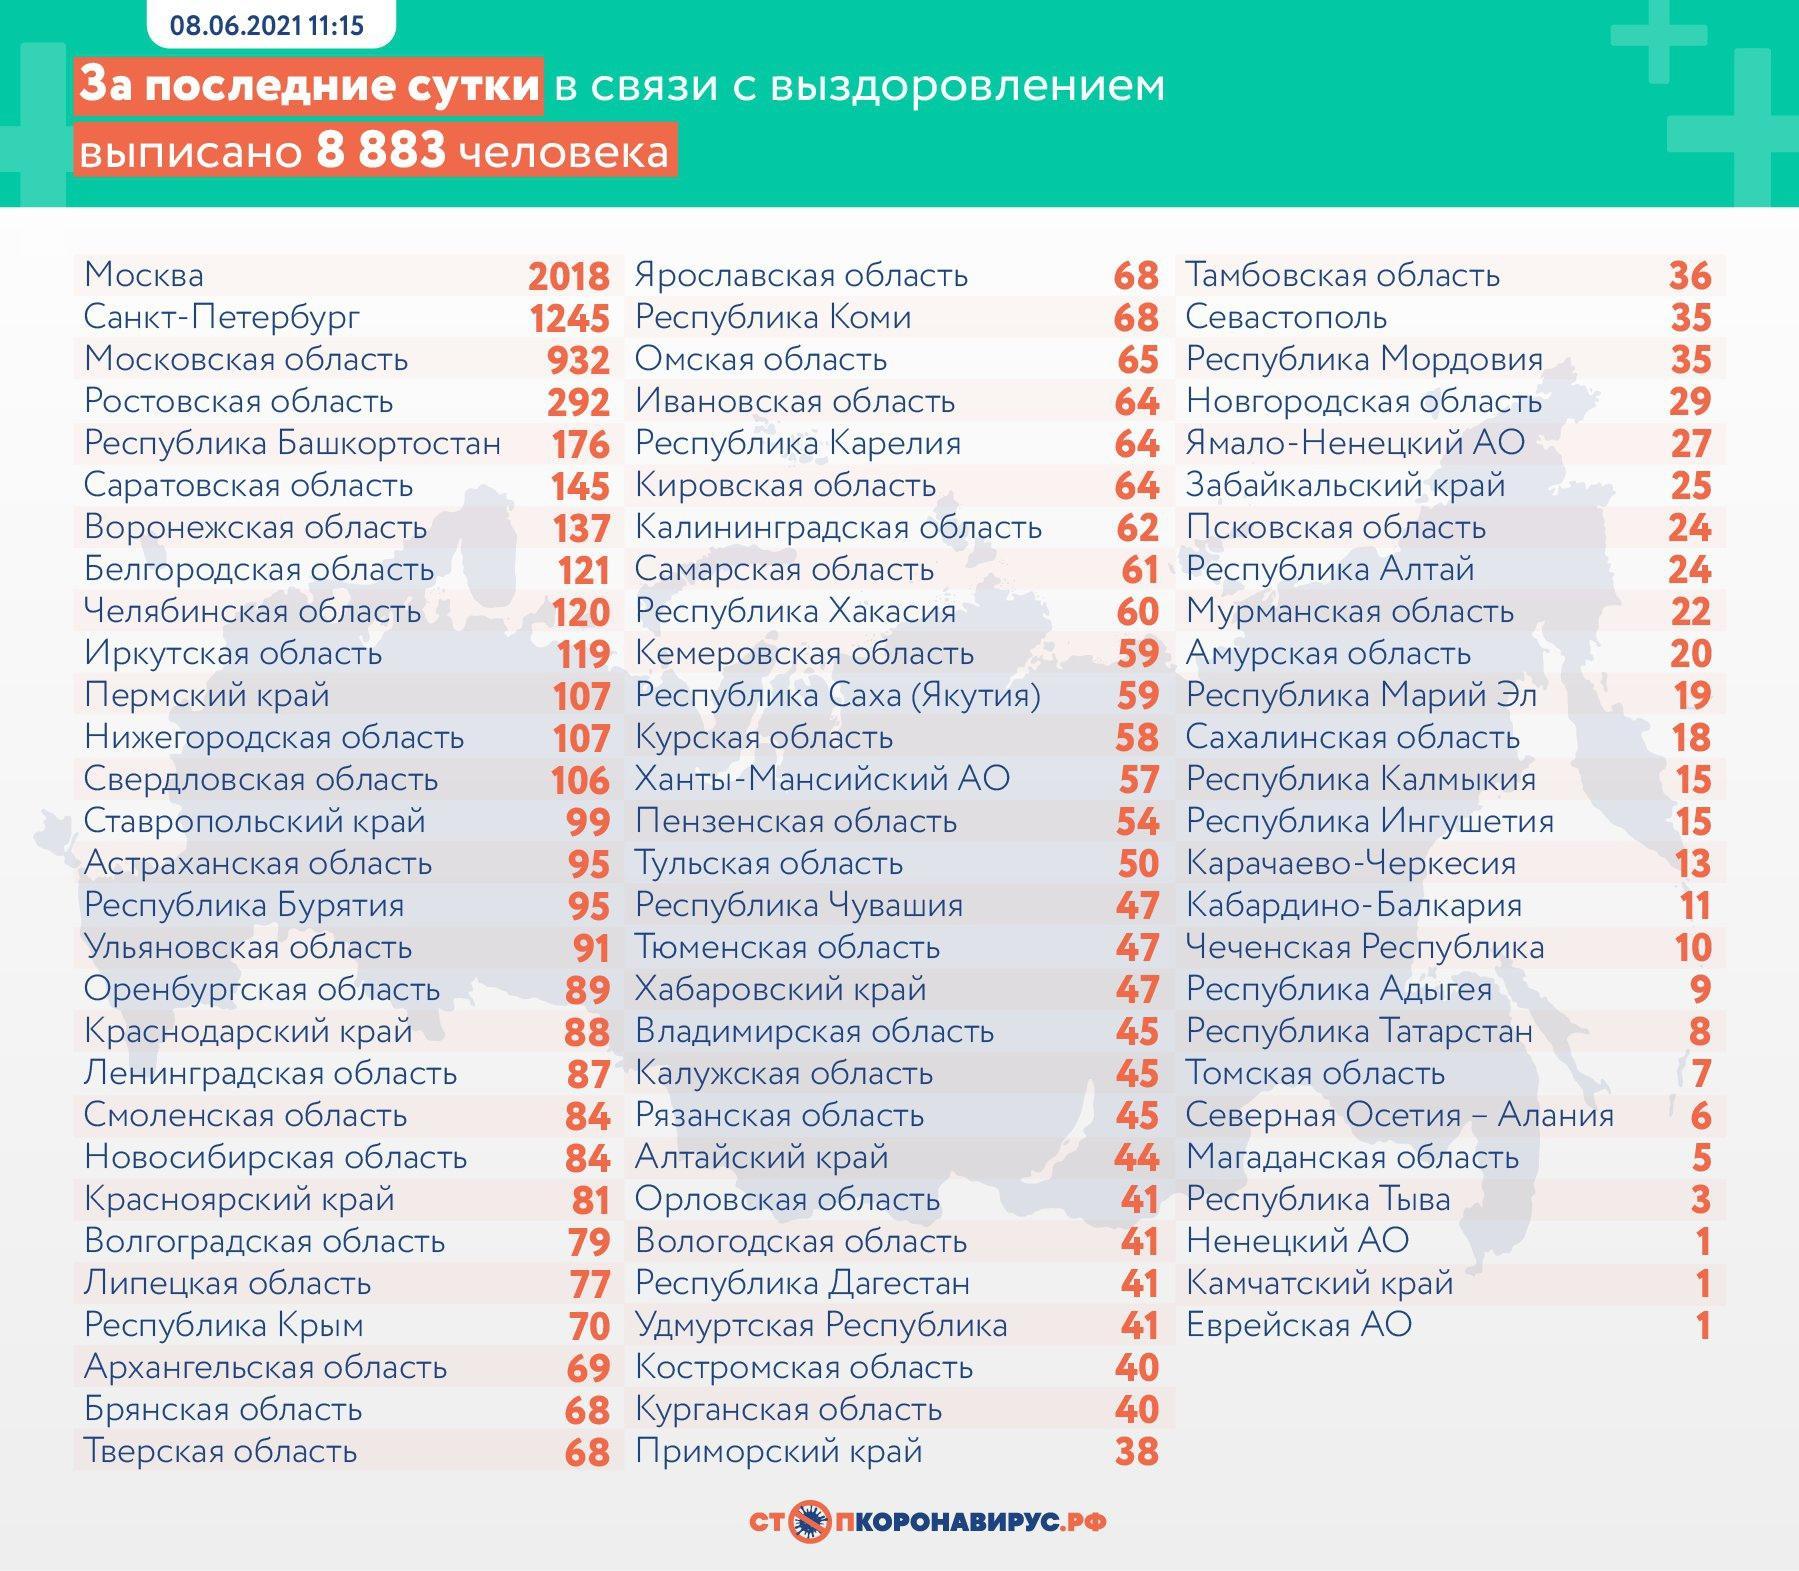 фото 9 977 случаев заражения коронавирусом выявили в России за сутки 3